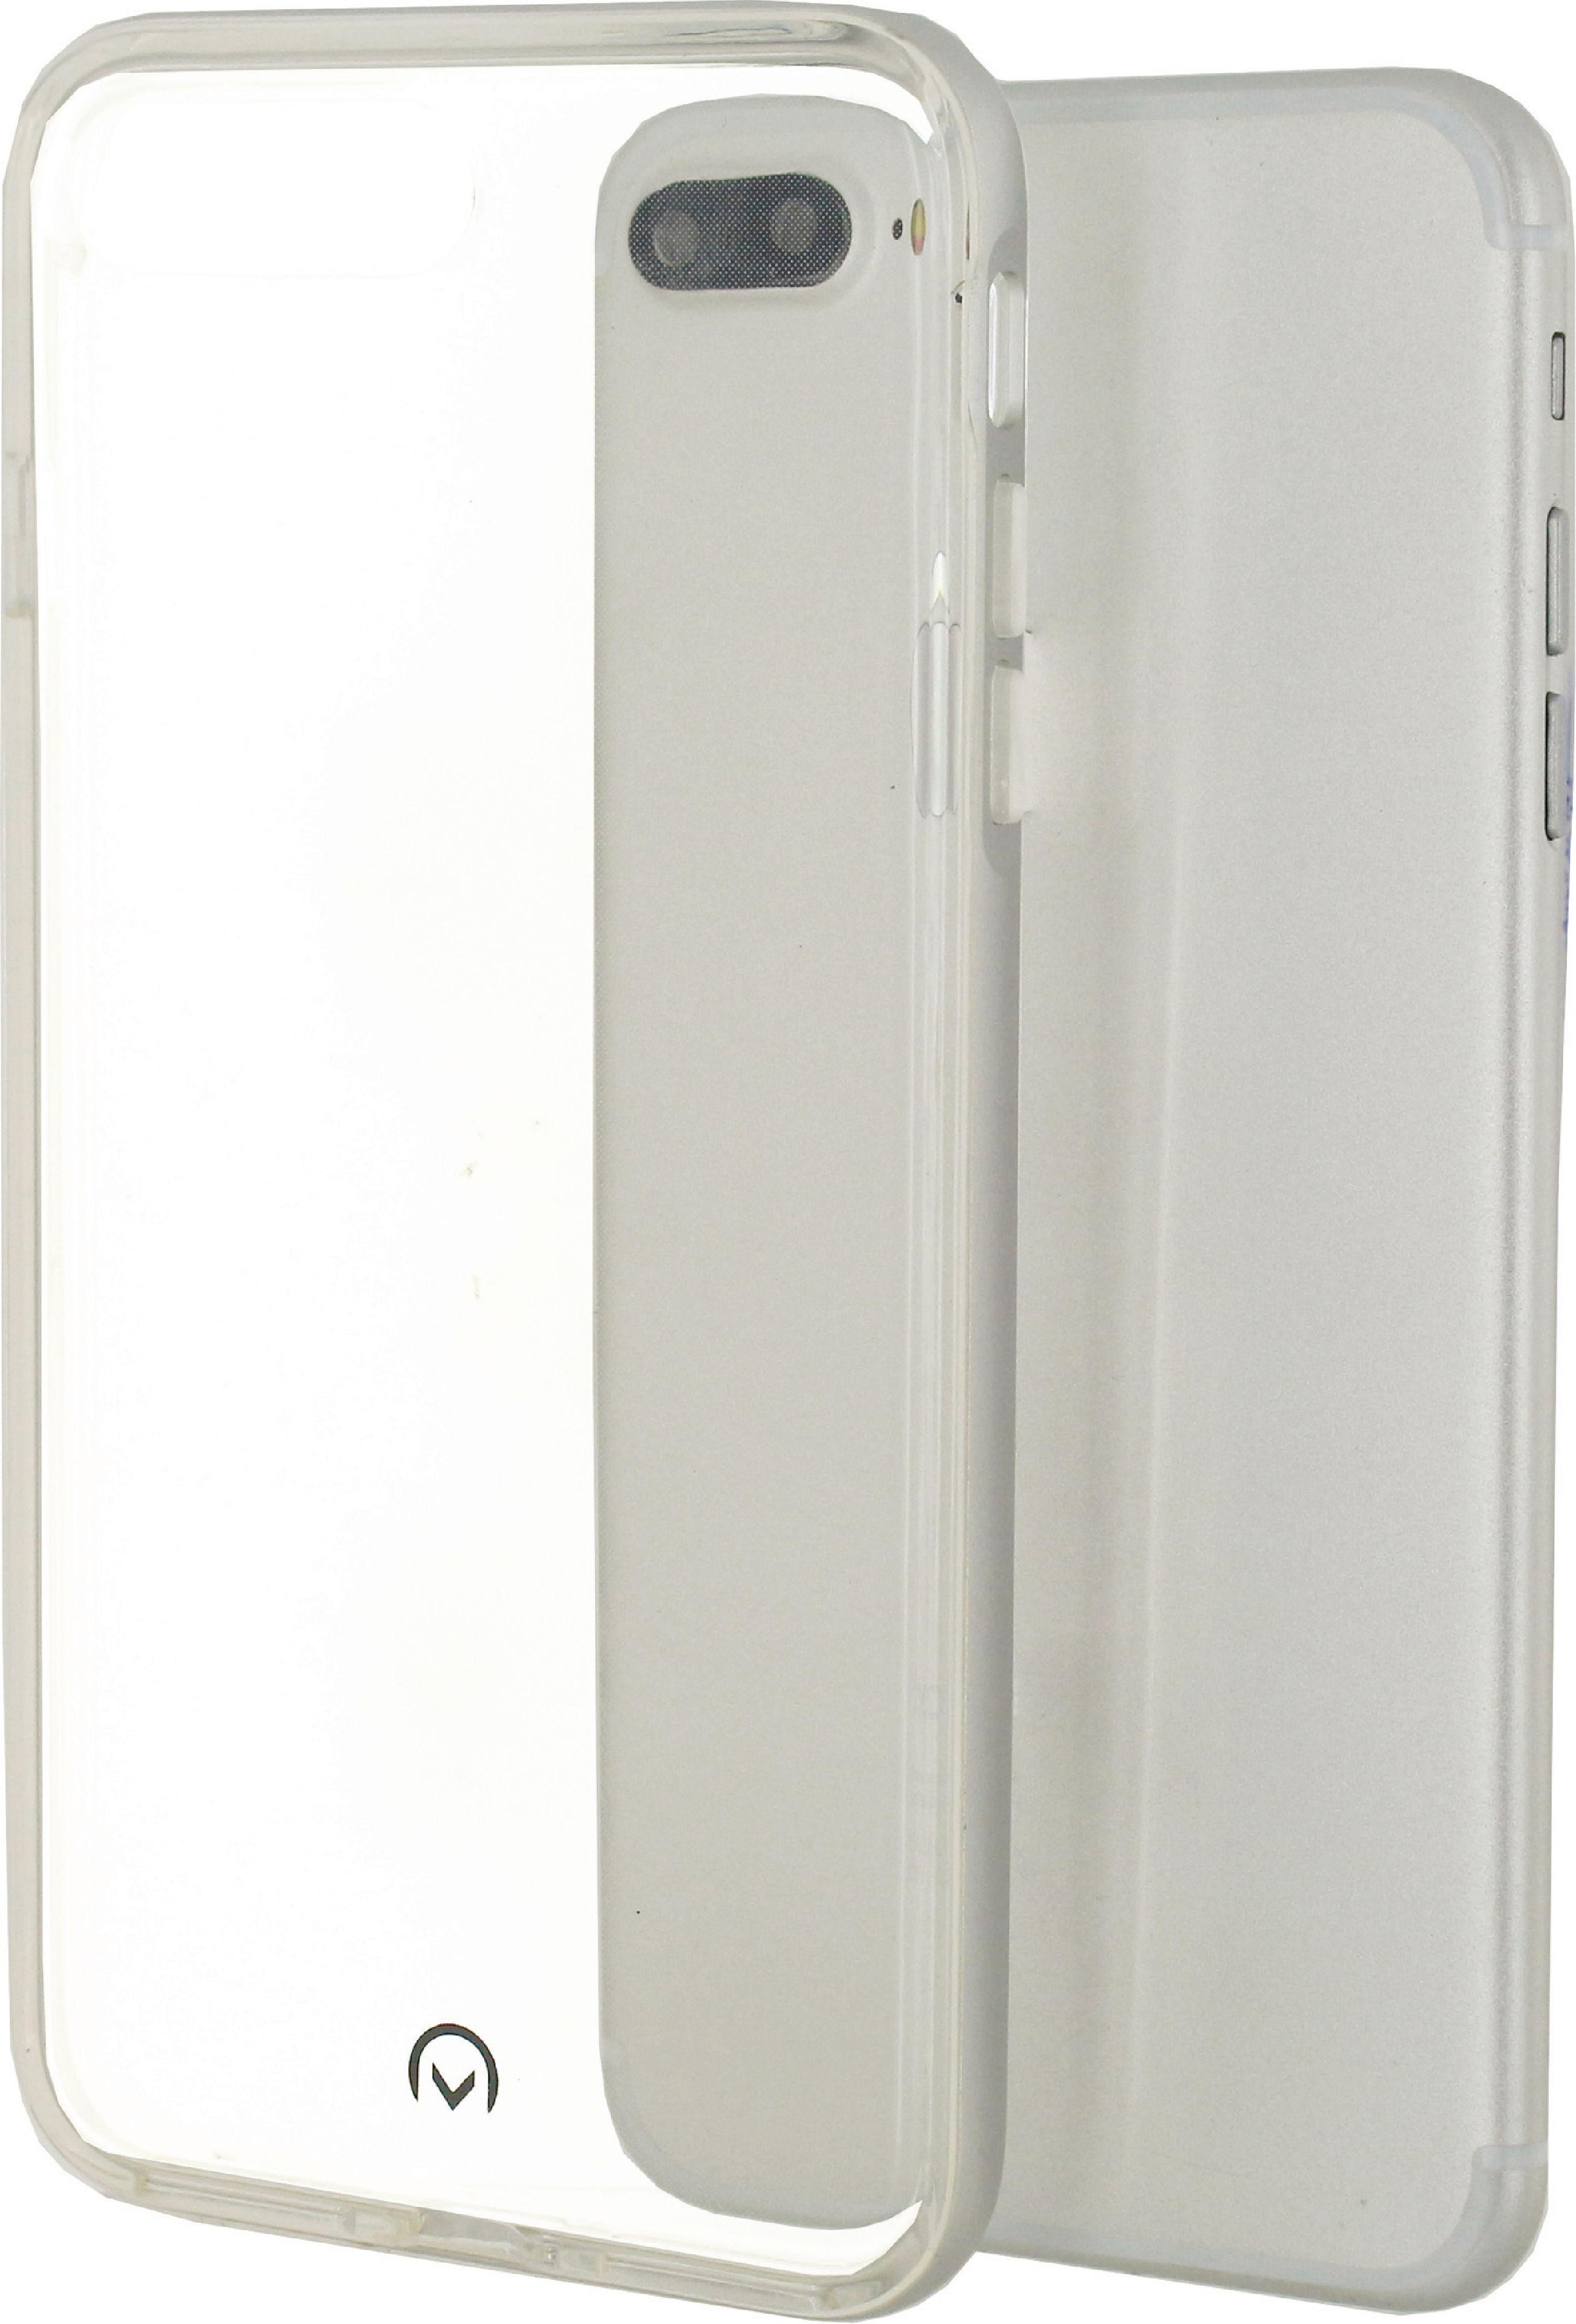 Image of   Telefon Gelly+ Etui Apple iPhone 7 Plus Sølv